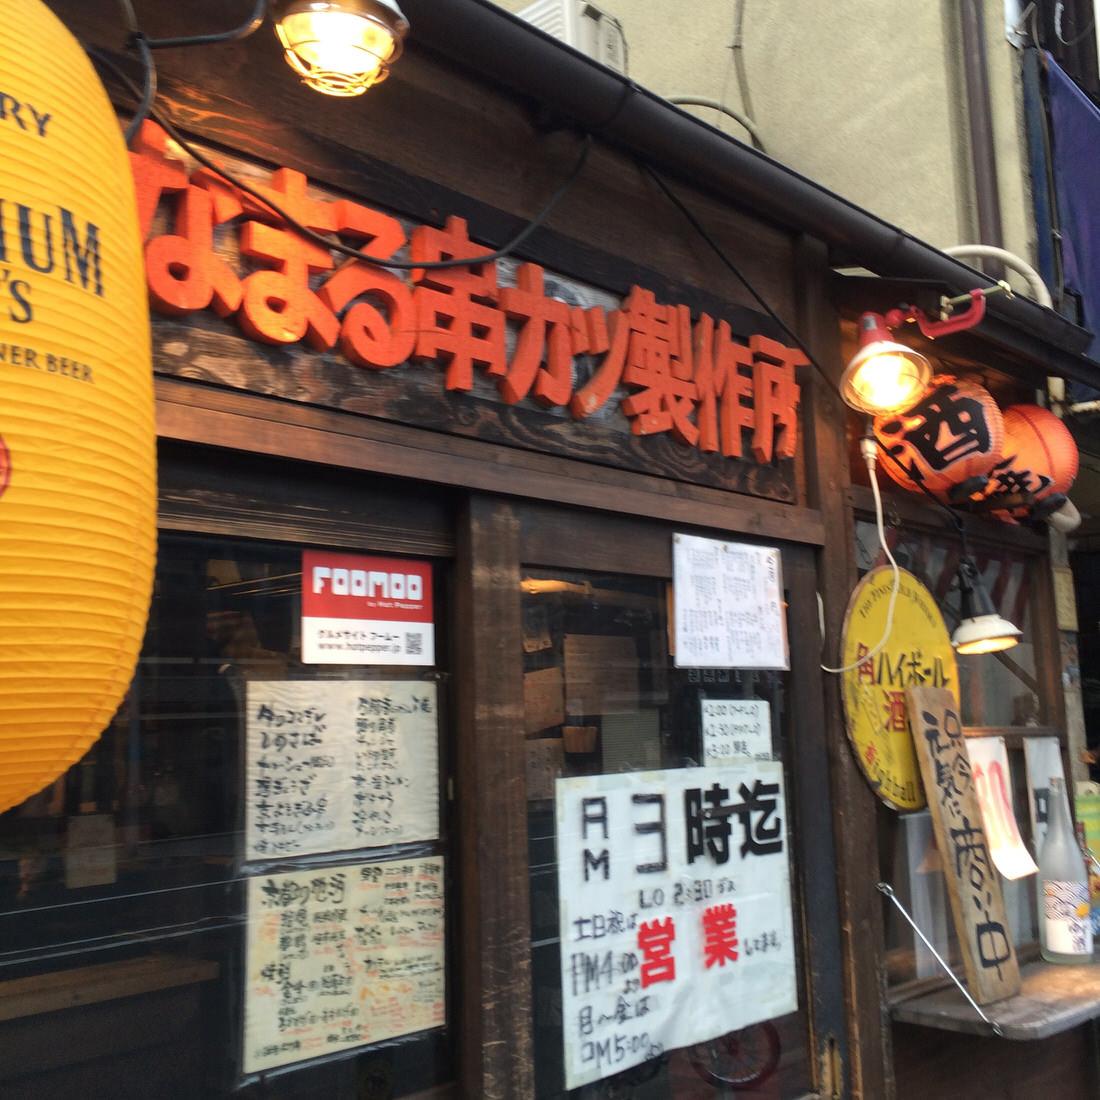 【京都駅周辺】ALL80円の串カツ!はなまる串カツ製作所で絶品串カツを堪能!